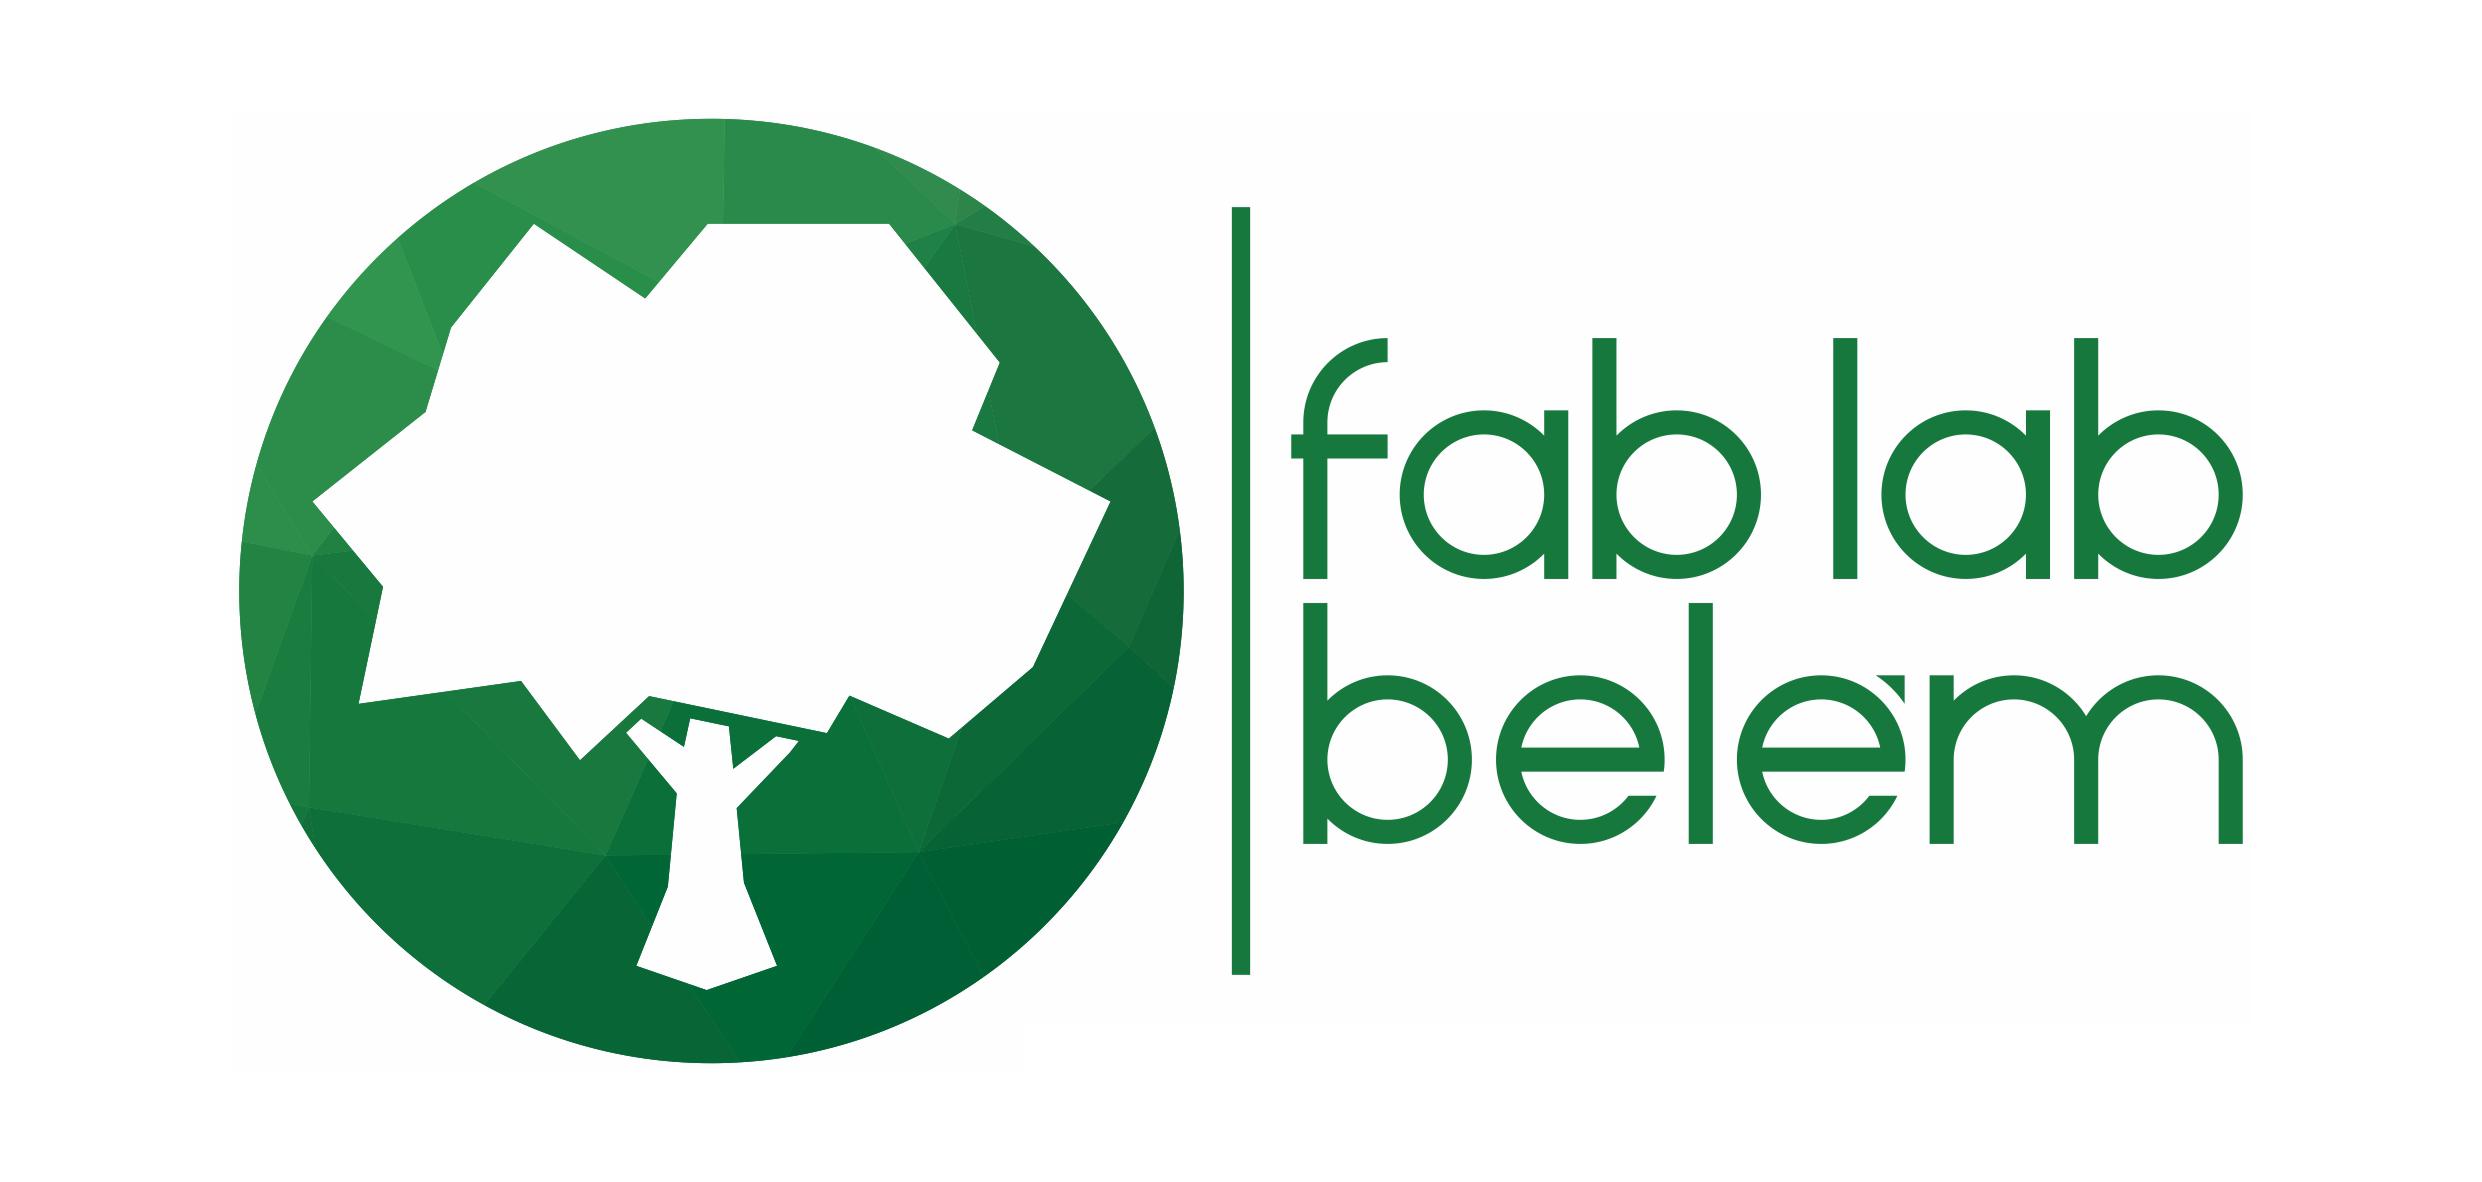 fab lab logo 02.1.png